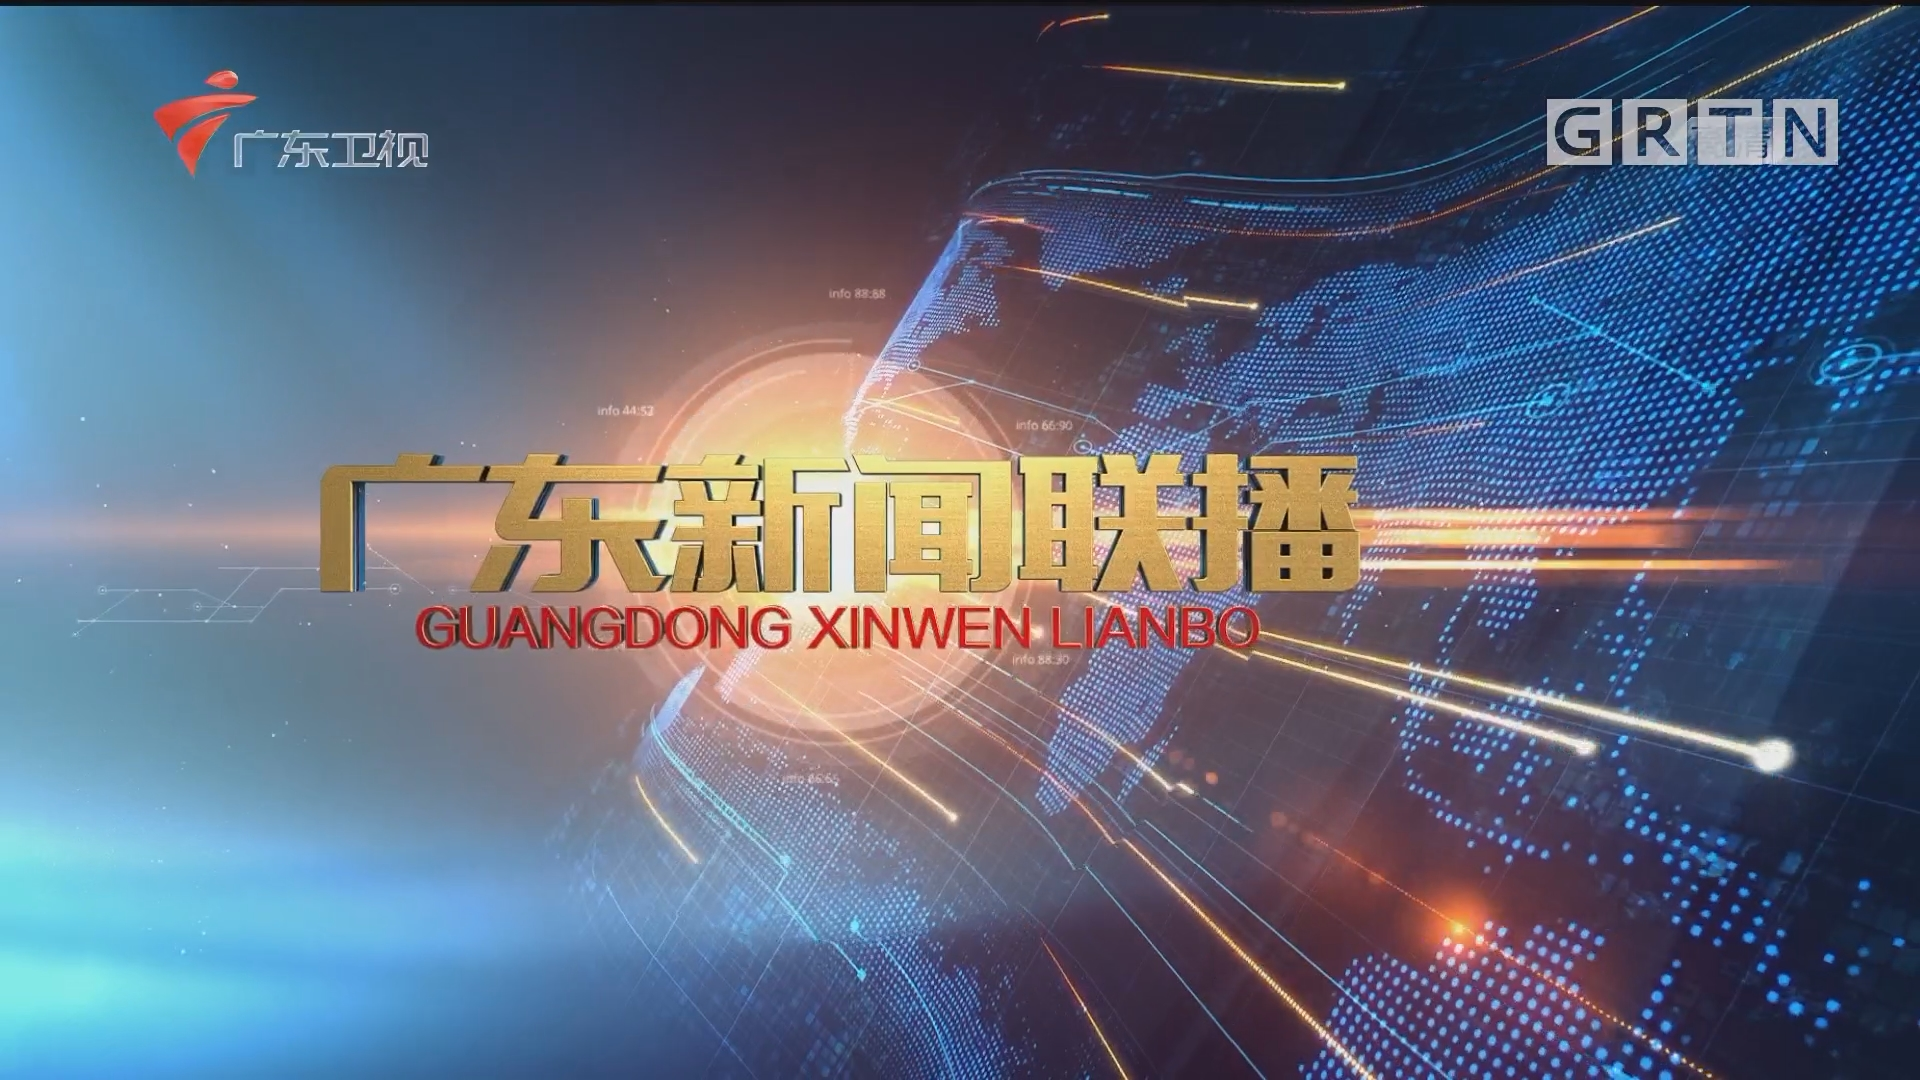 """[HD][2017-12-01]广东新闻联播:广东:铭记光辉历史 弘扬""""红船精神"""""""